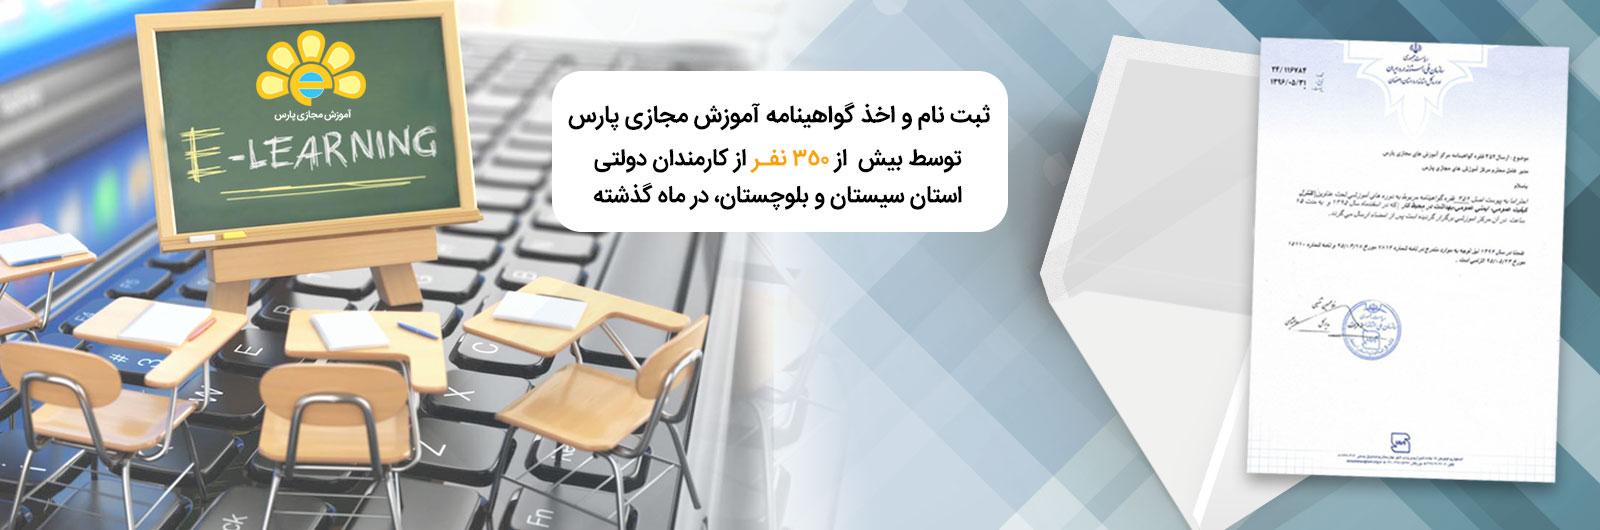 ثبت نام و اخذ گواهینامه کارمندان دولتی استان سیستان و بلوچستان از مرکز پارس